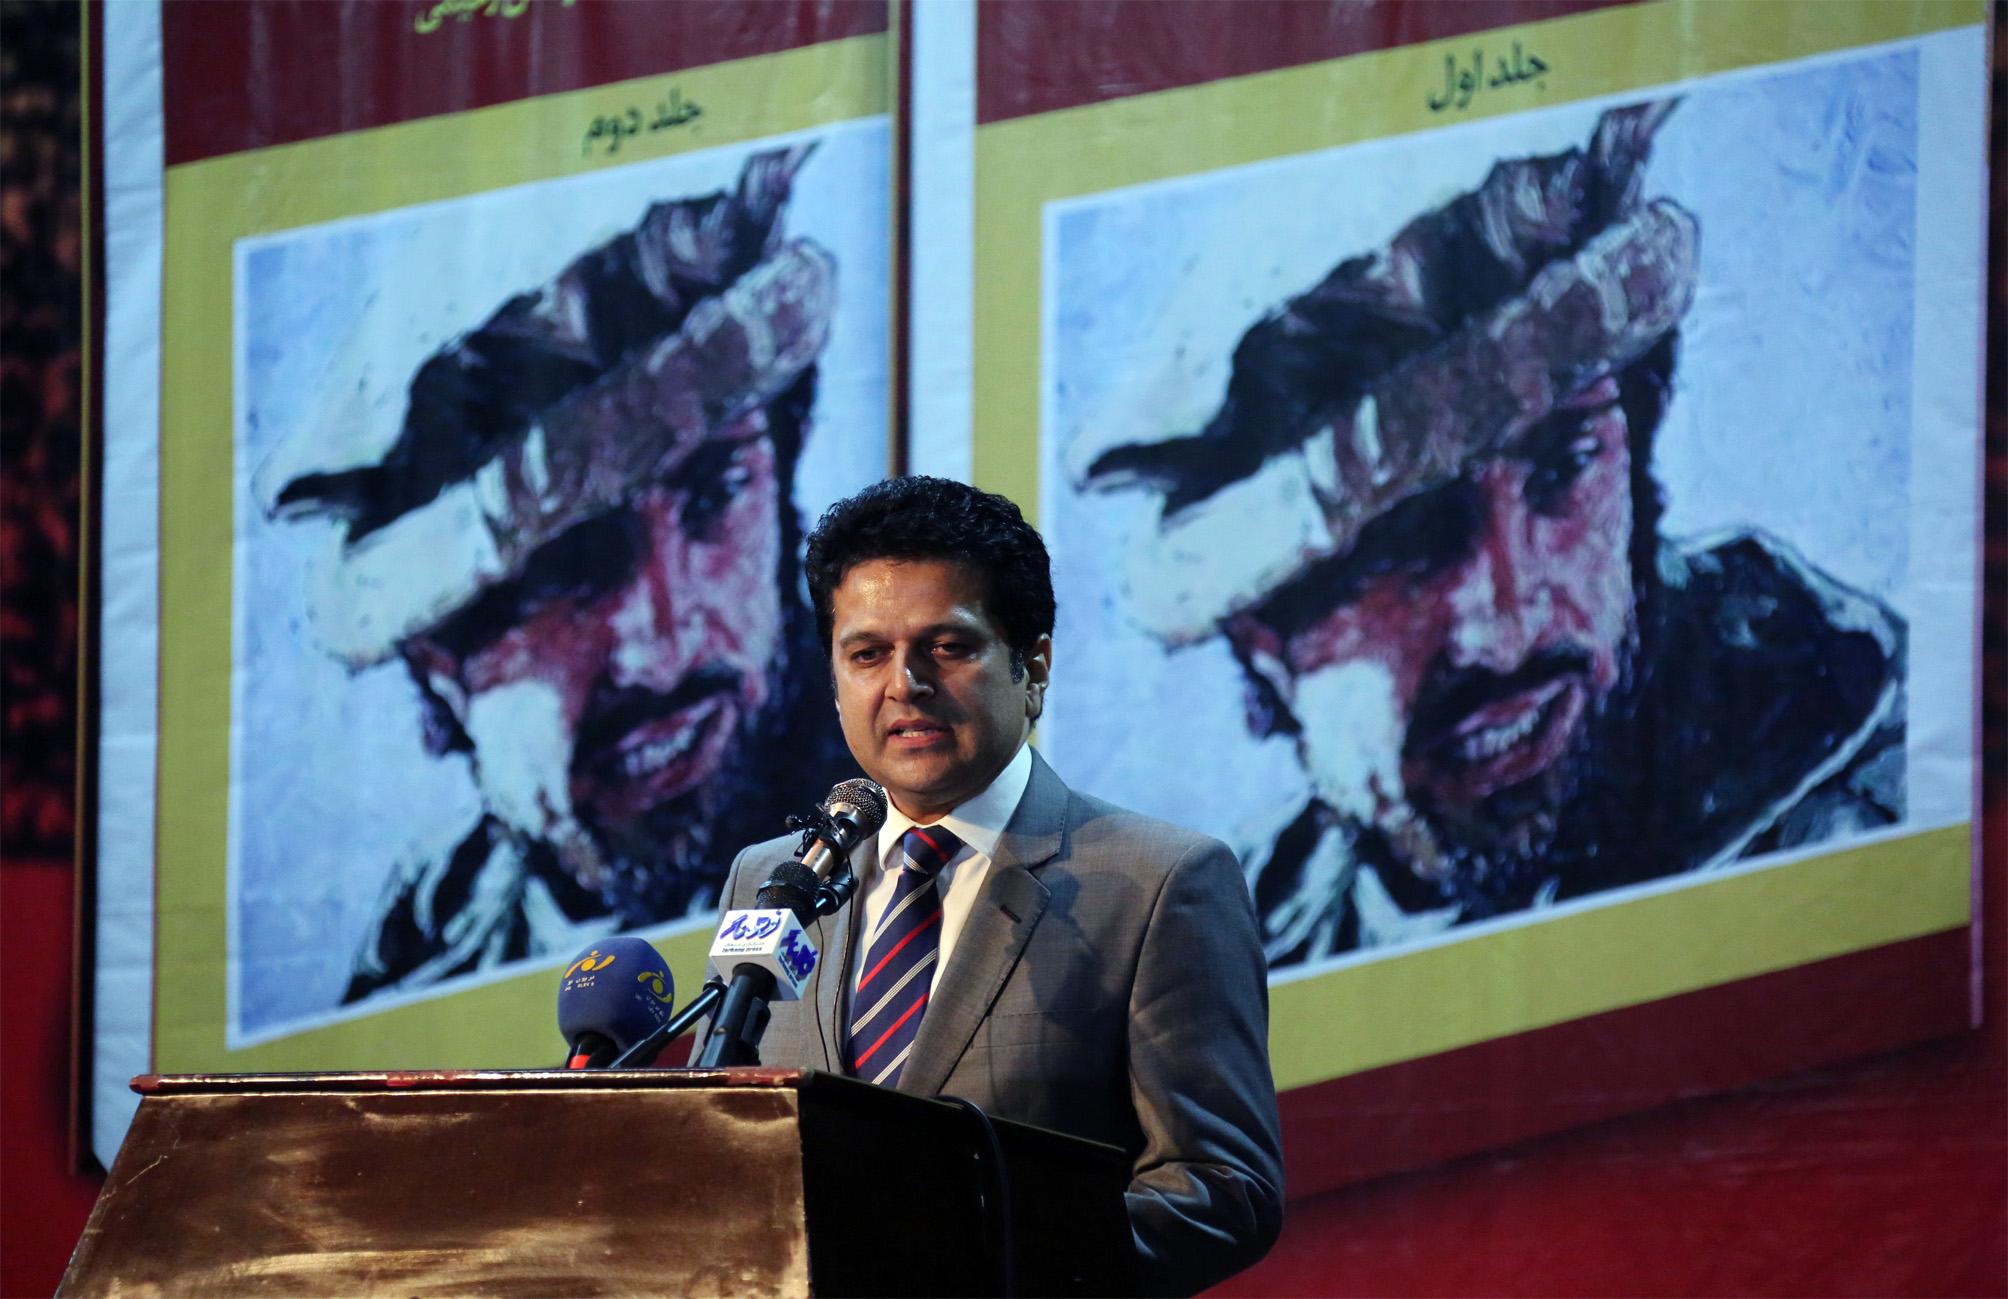 سخنرانی در برنامه رونمایی کتاب احمدشاه مسعود شهید راه صلح و آزادی